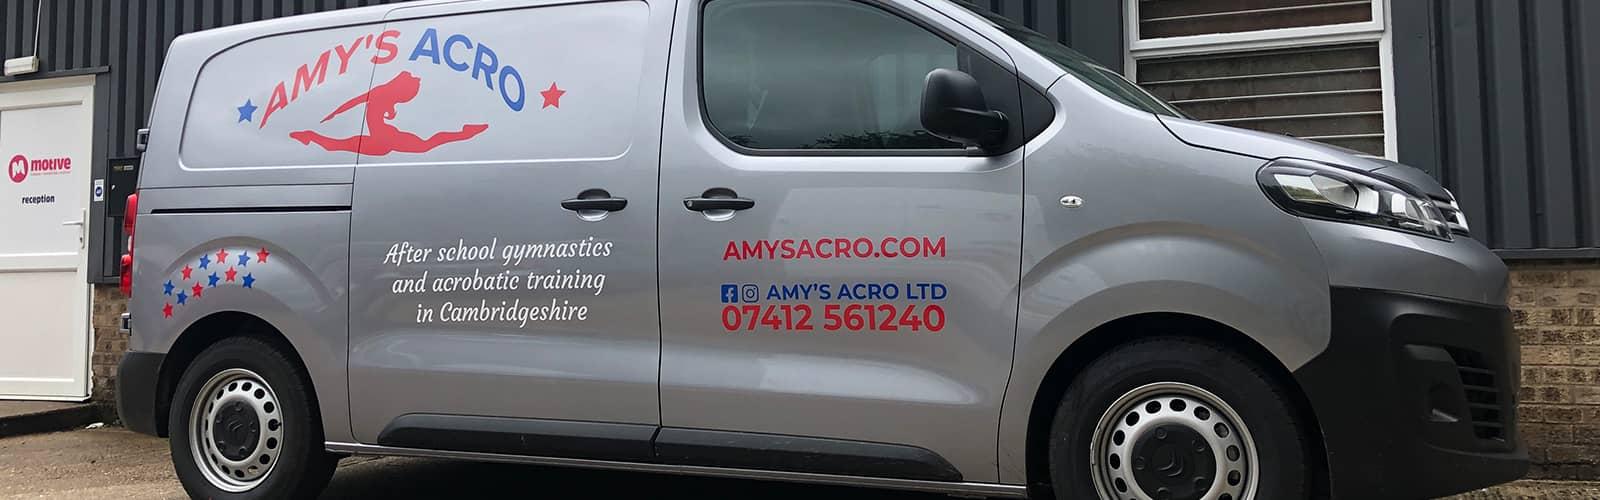 Get your van graphics messaging right